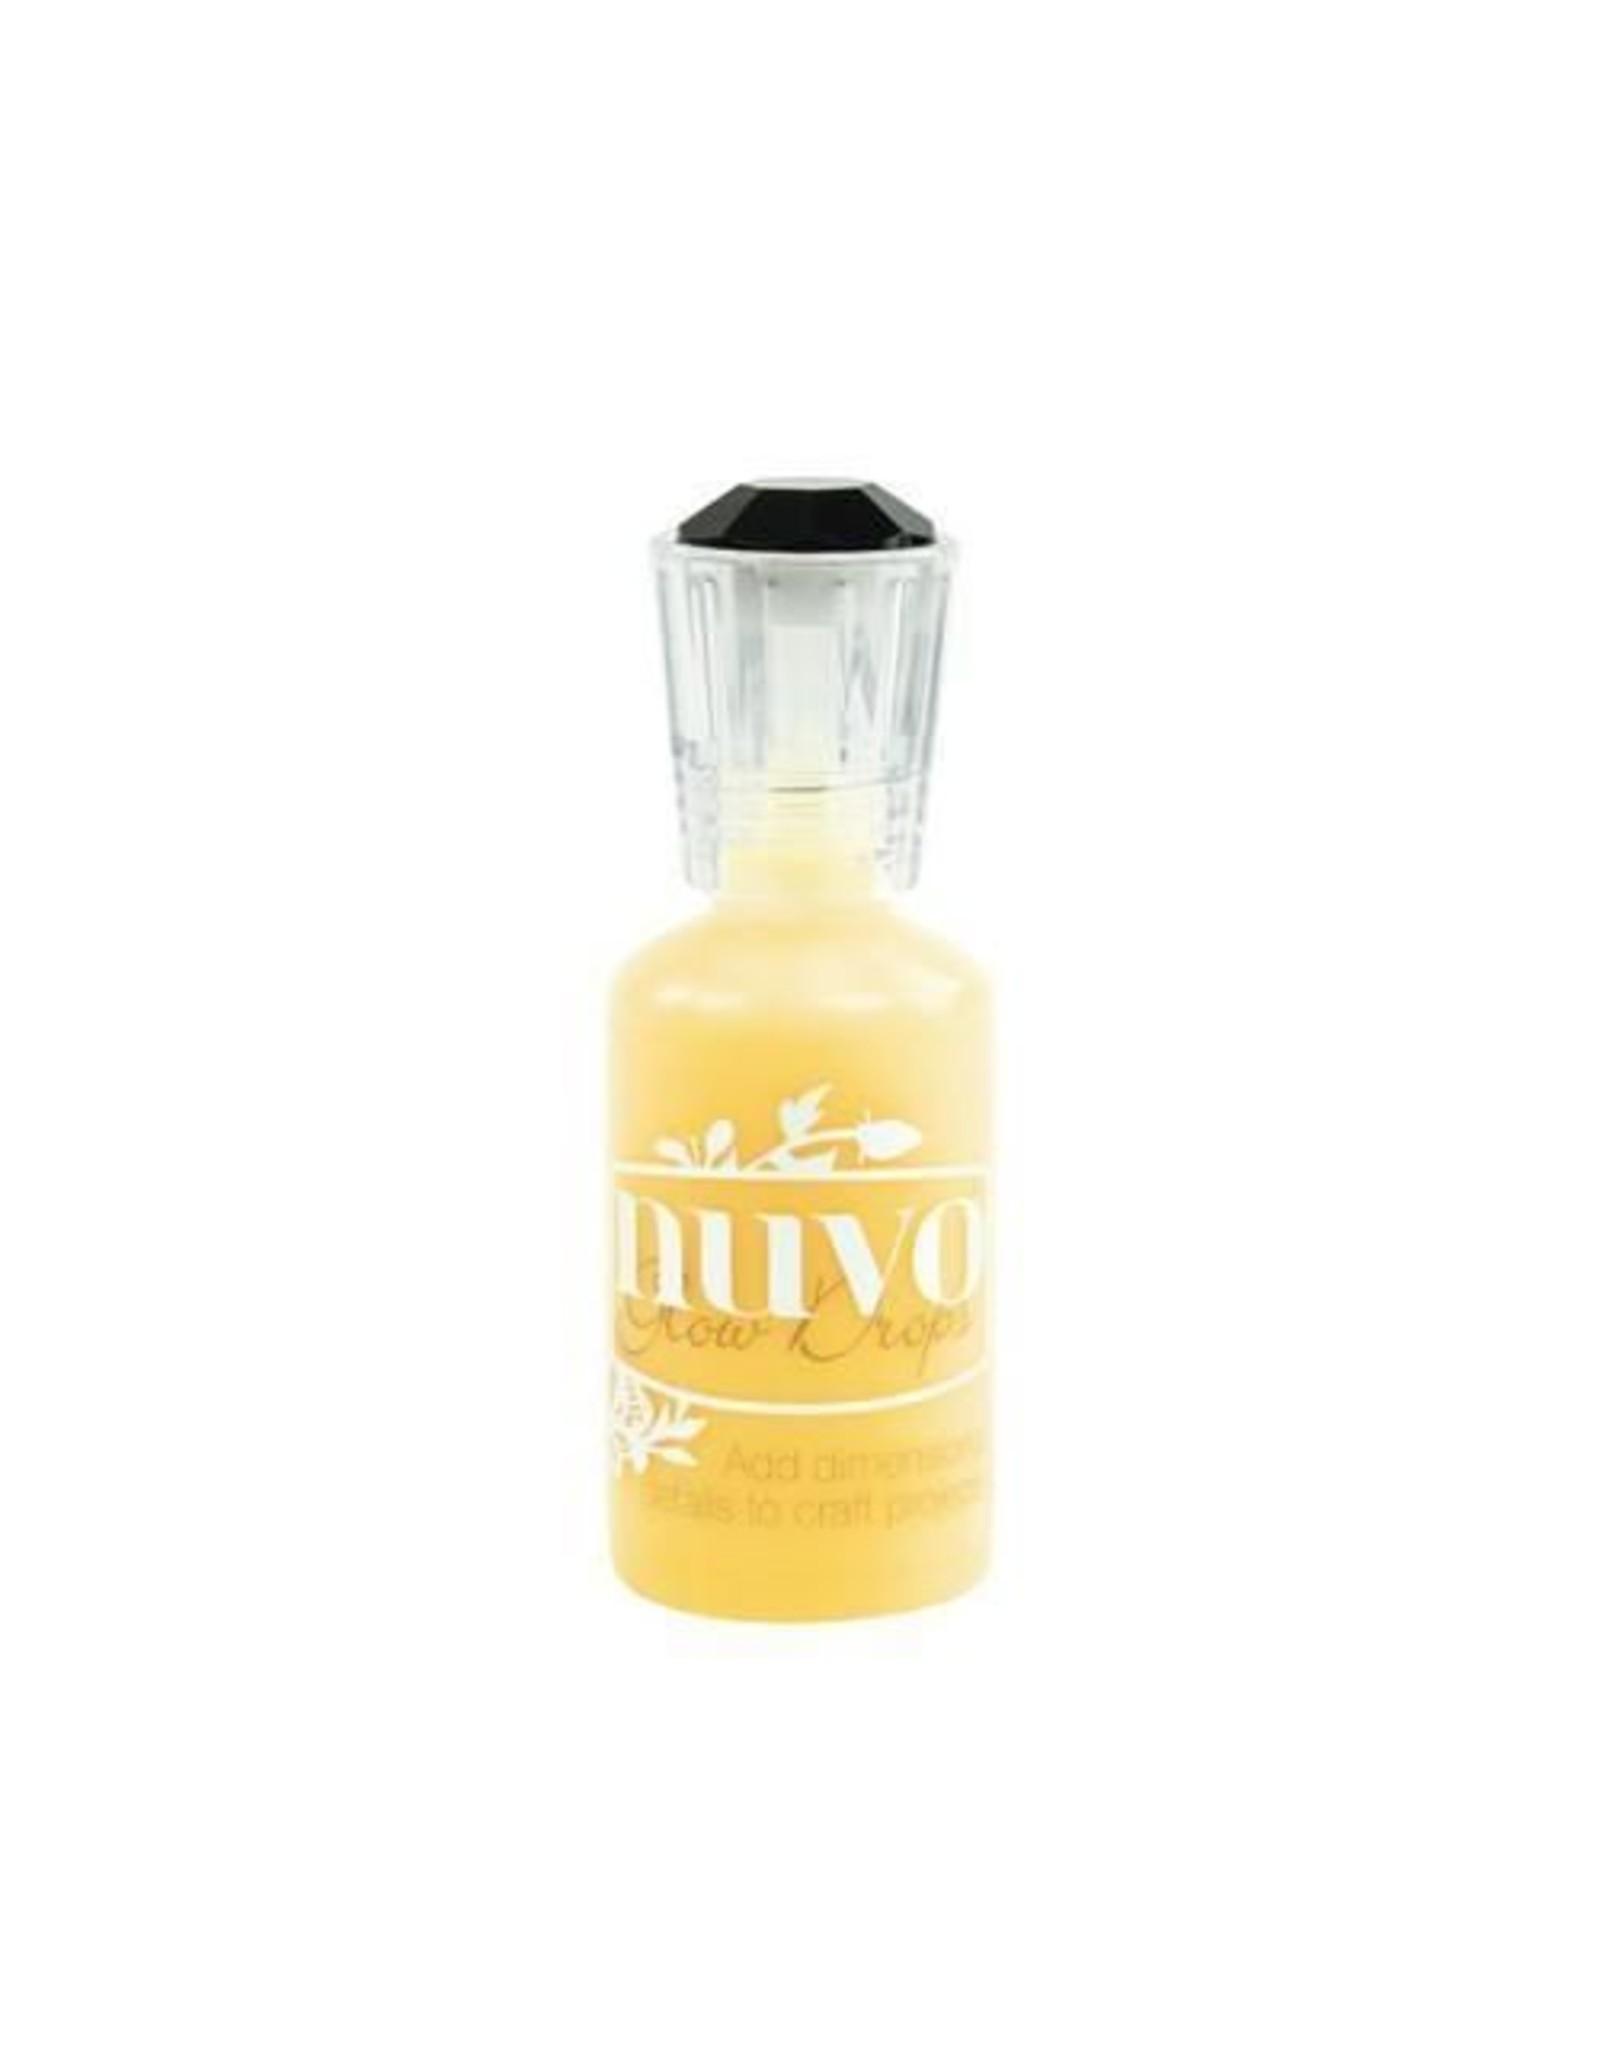 Nuvo by tonic Nuvo glow drops - banana split 747N